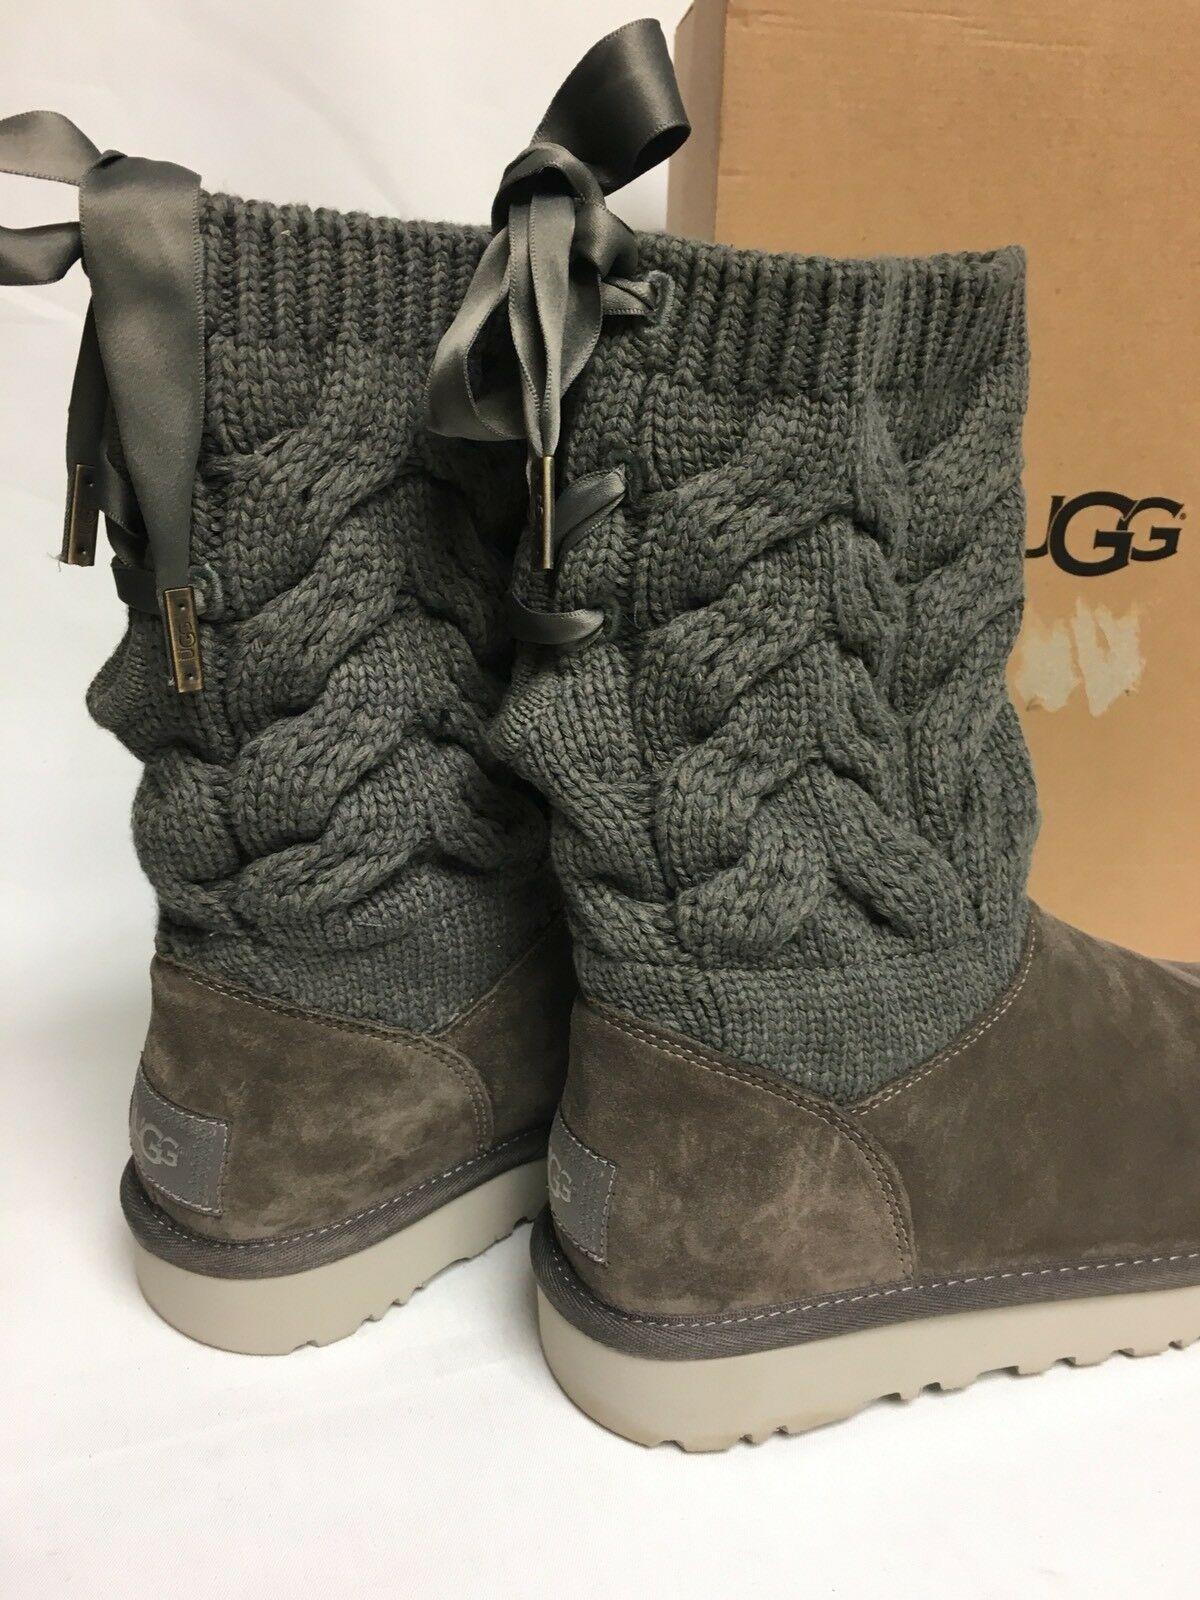 08d3aebf60a UGG Australia Kiandra Boot 1019059 Willow and 50 similar items